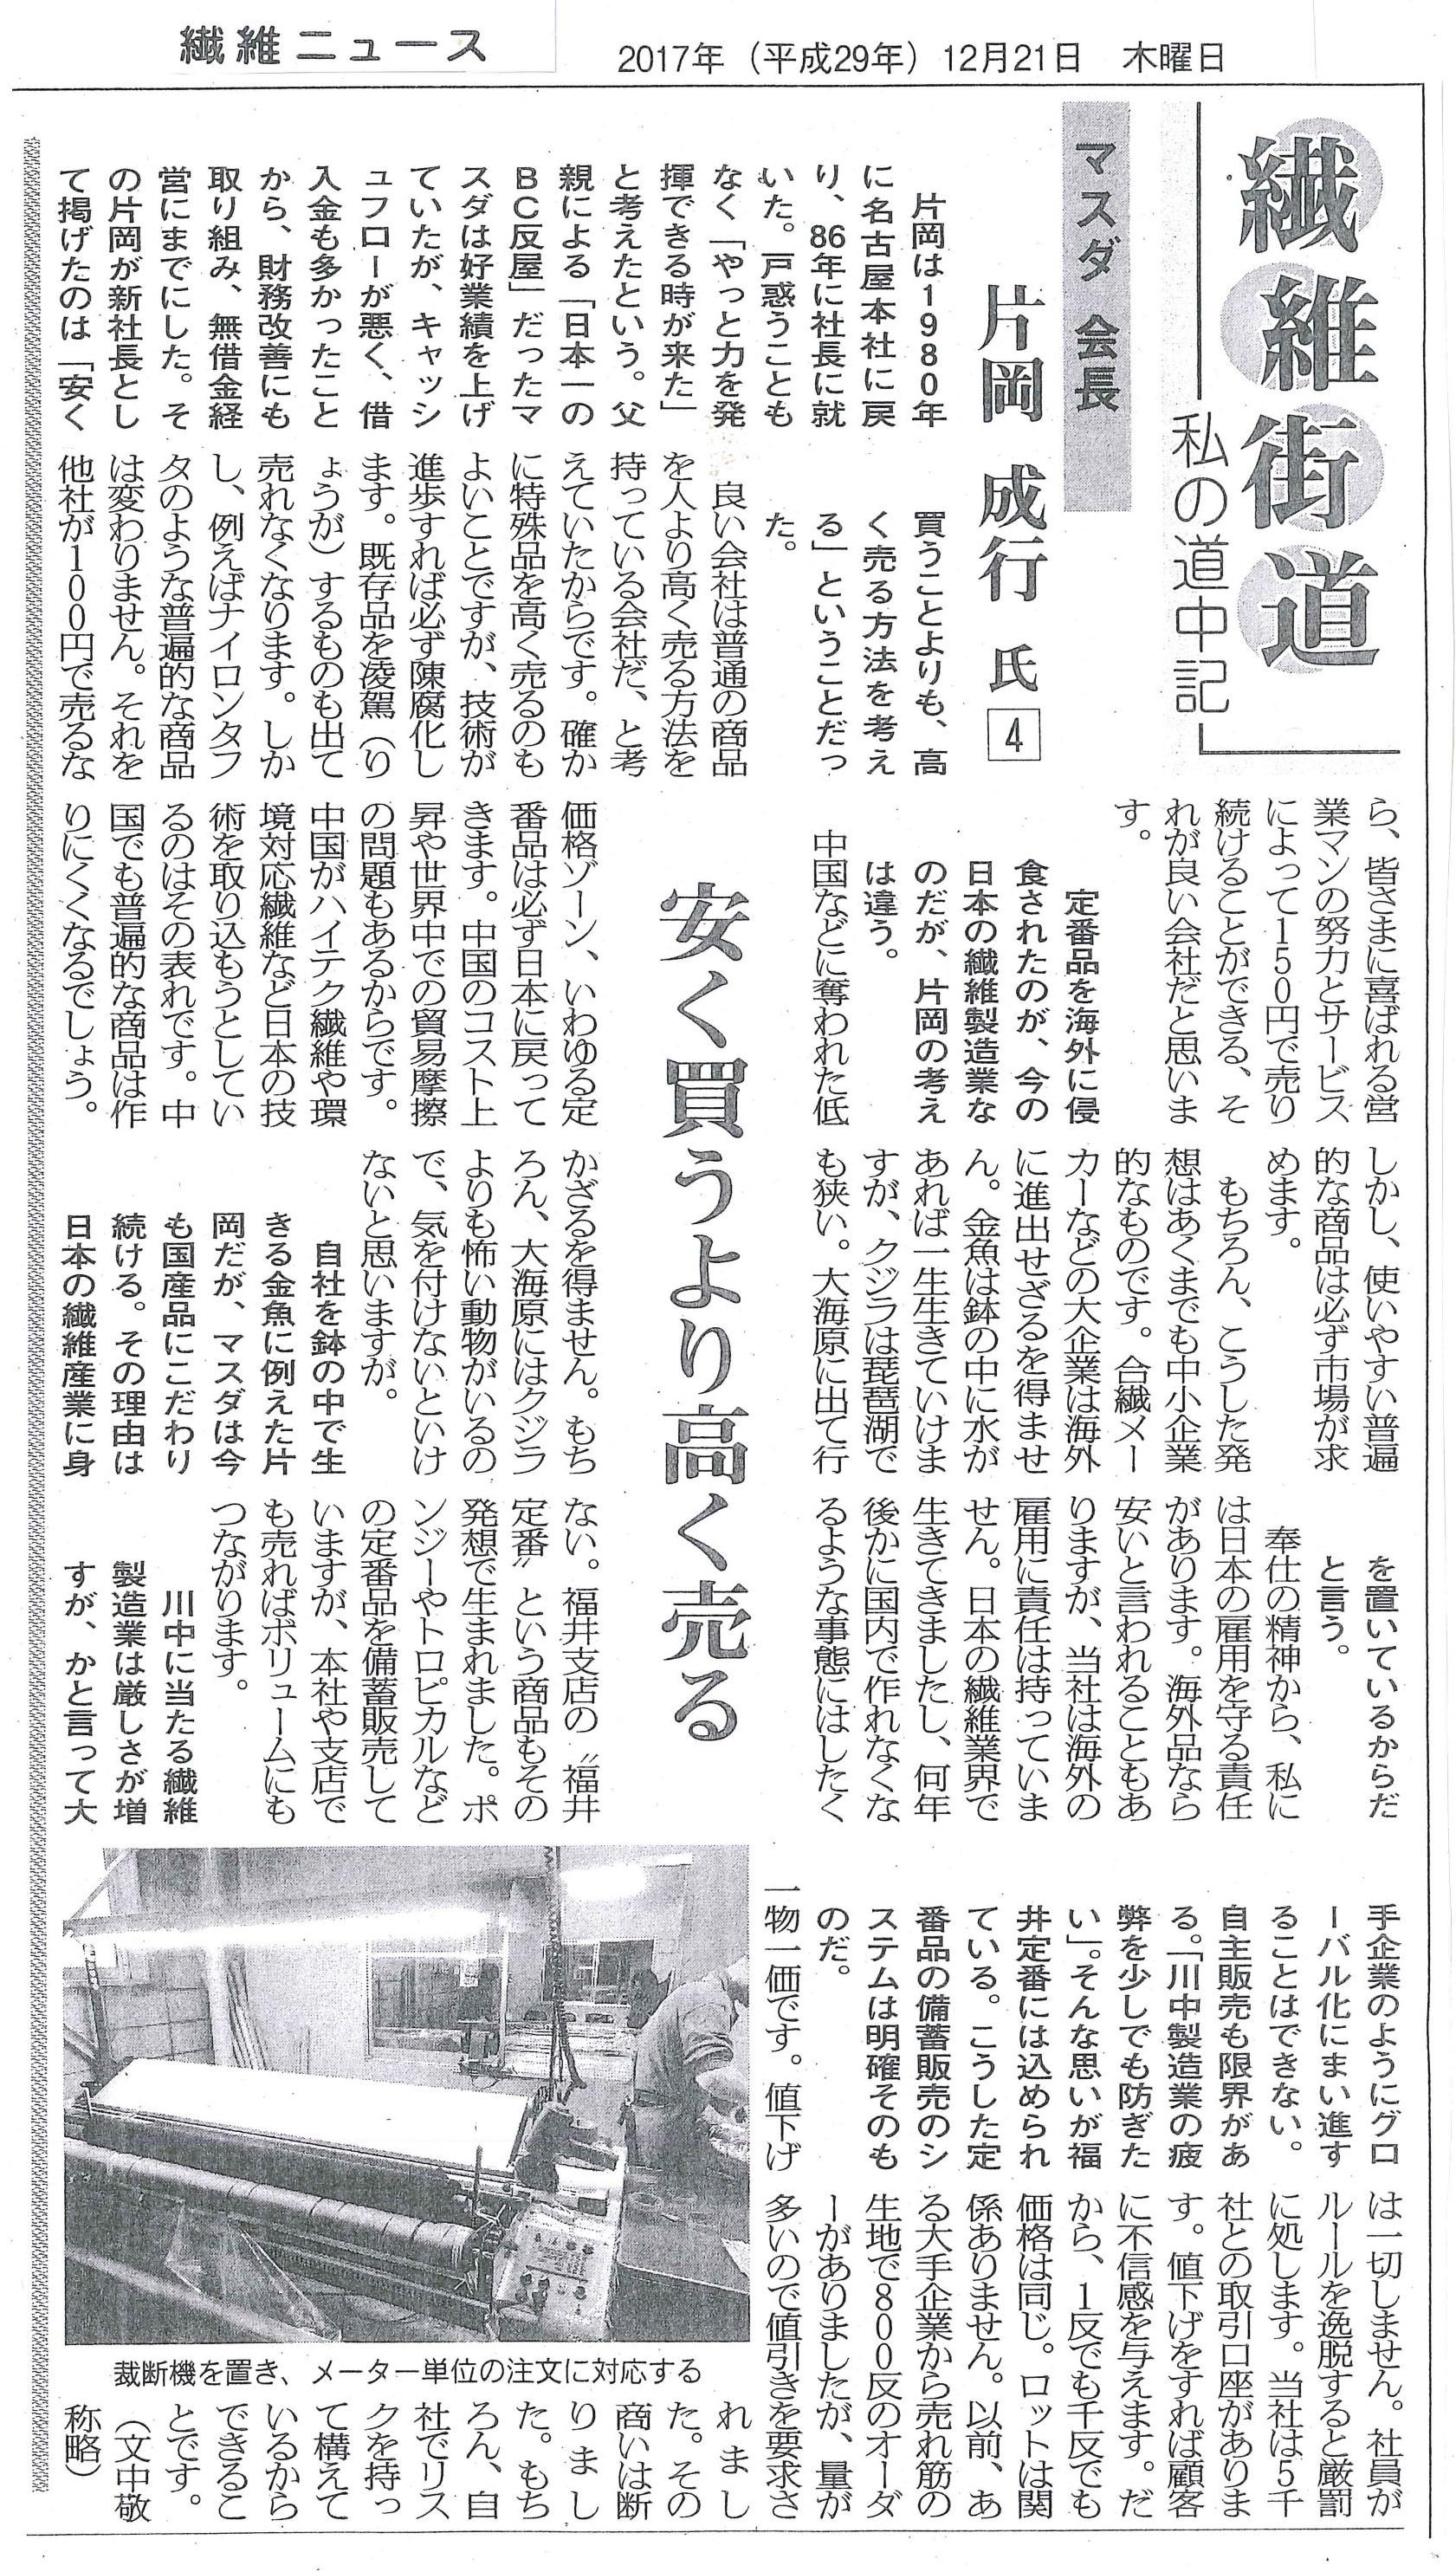 【繊維ニュース】繊維街道「片岡成行④」